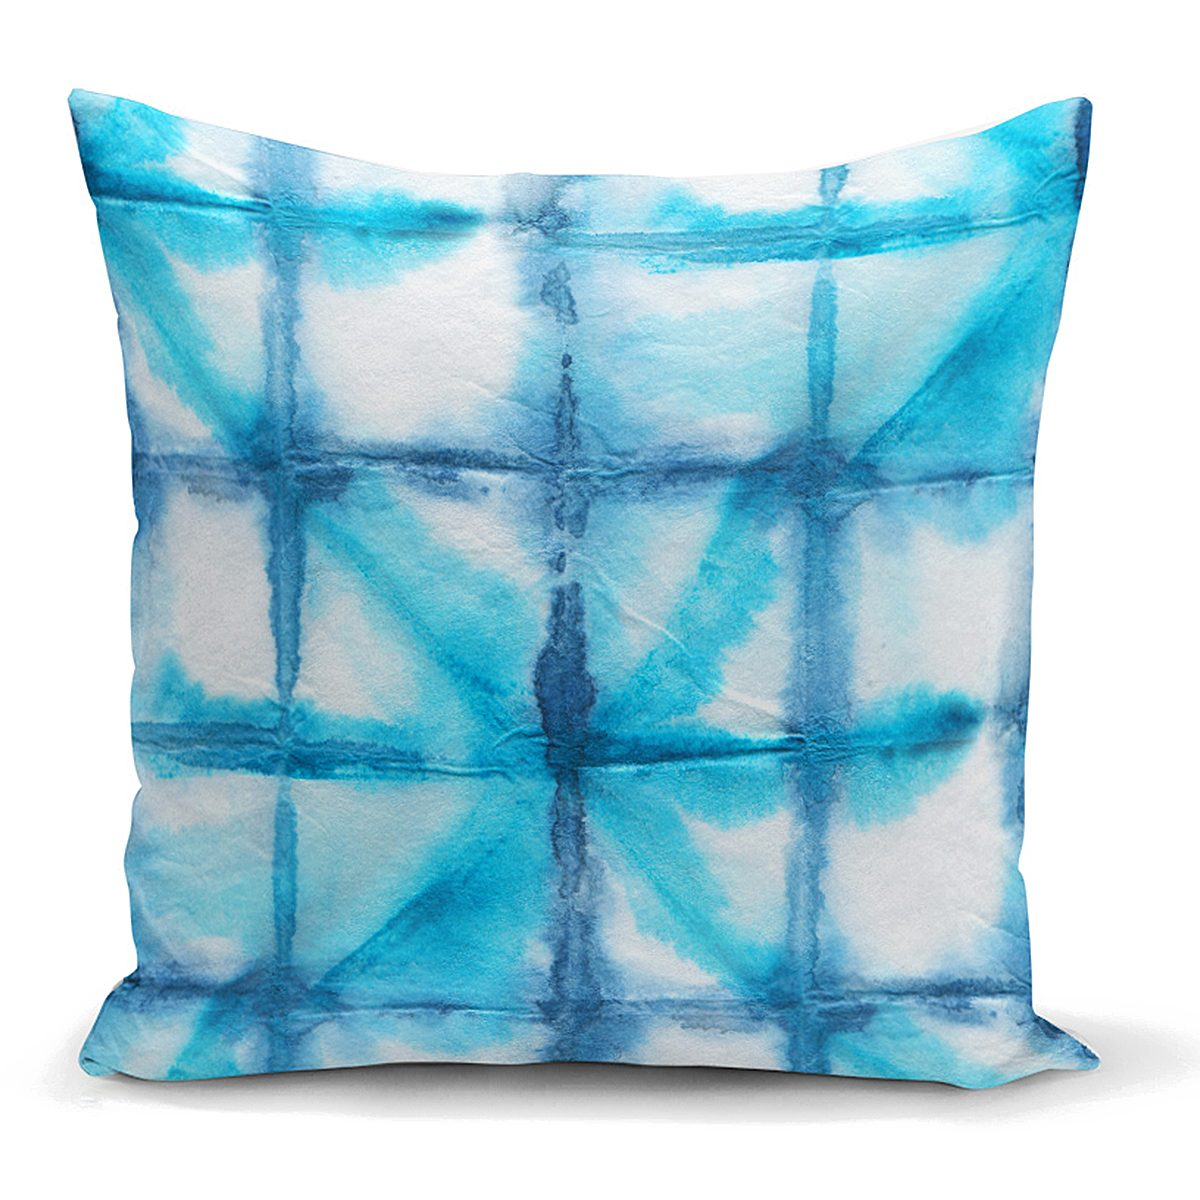 Mavi Sulu Boya Desenli Dijital Baskılı Modern Yastık Kılıfı Realhomes